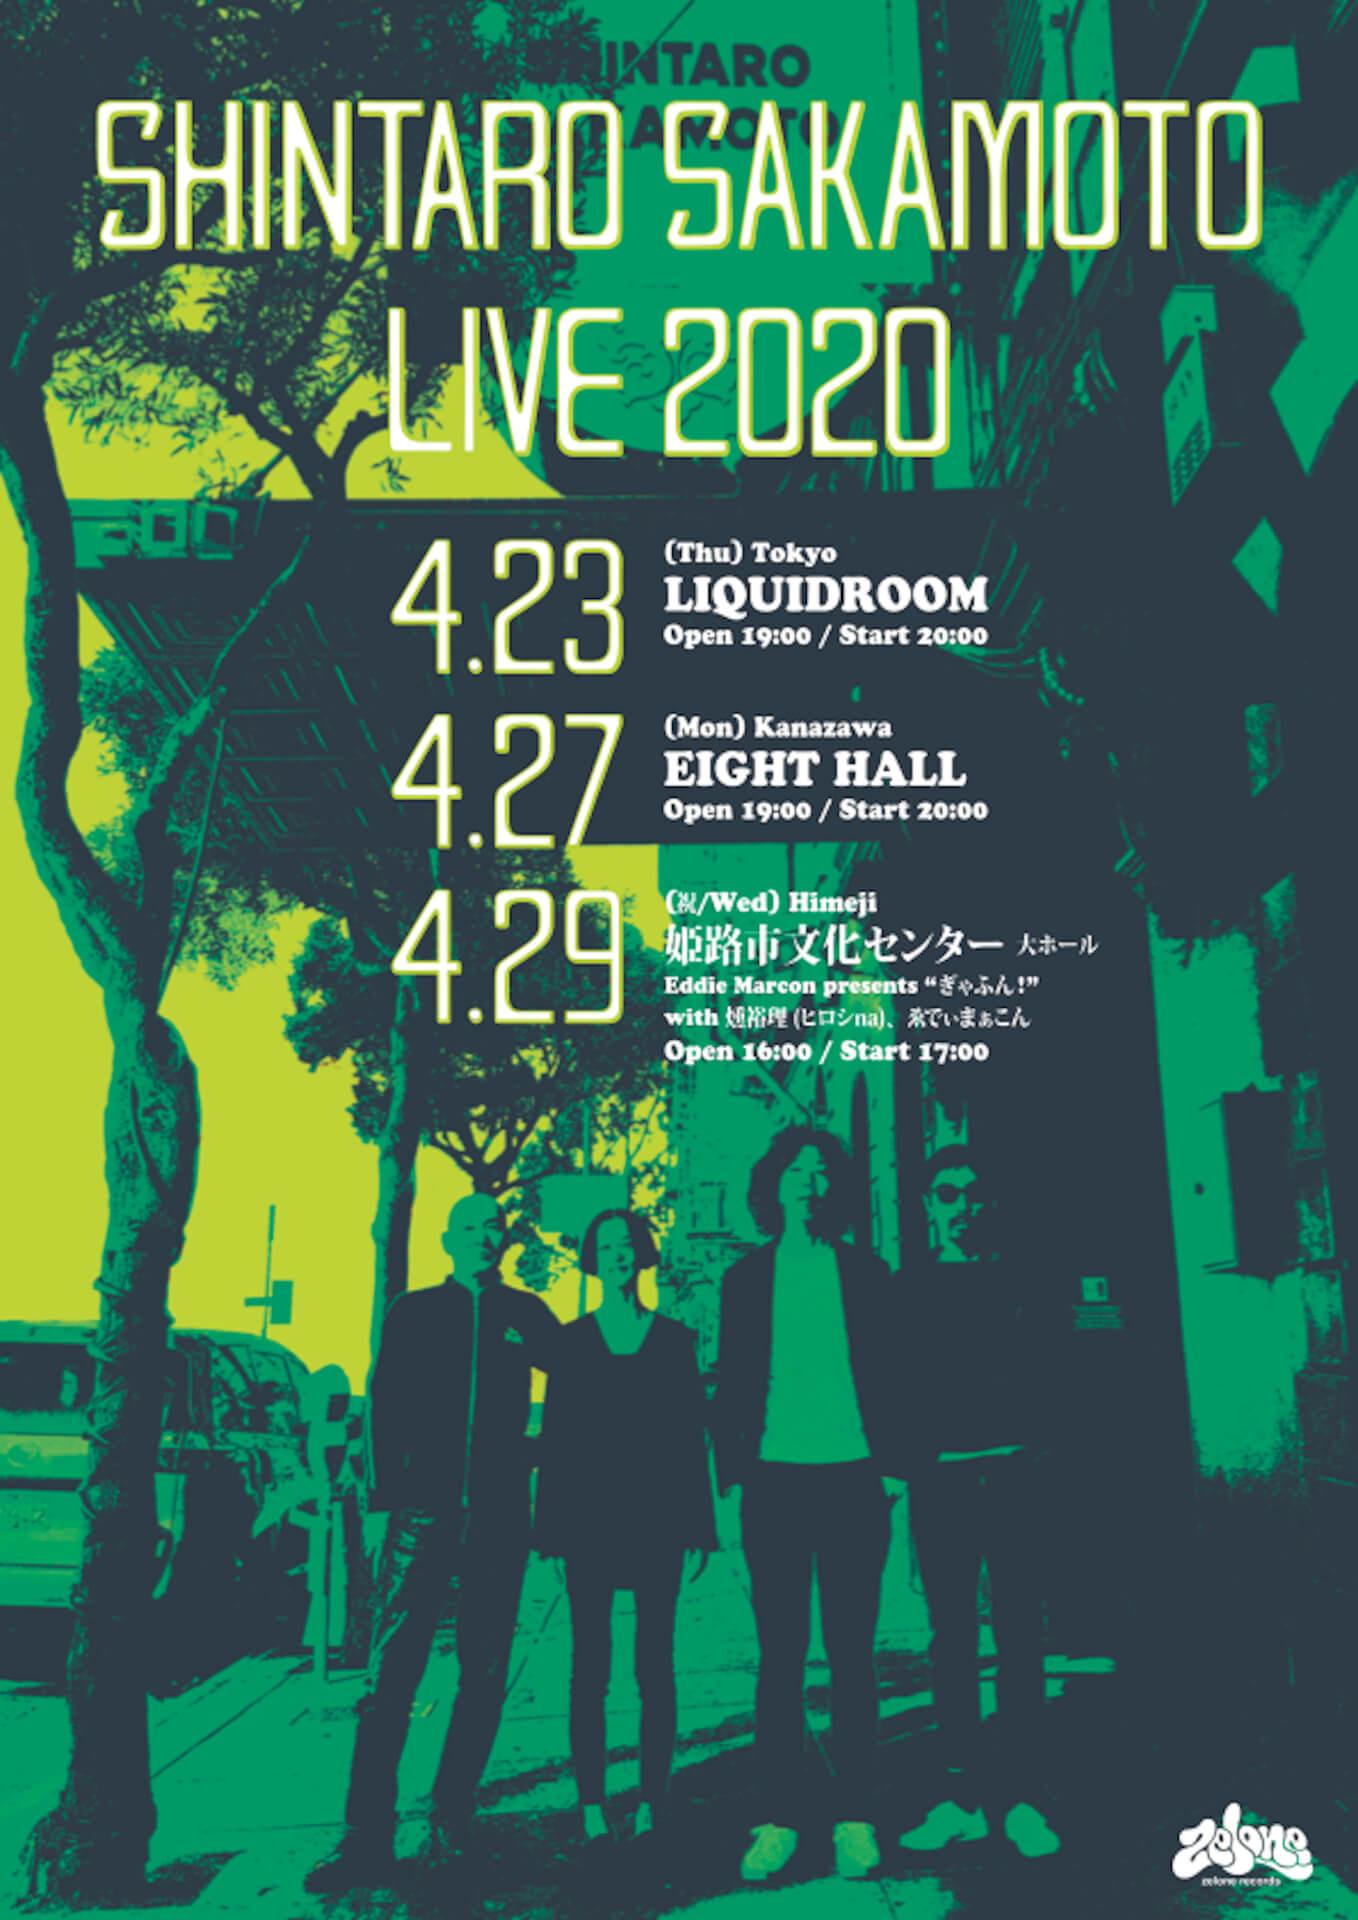 坂本慎太郎、2020年初のライブ<LIVE 2020>開催決定!東京、金沢でのワンマンライブ music200203_sakamotoshintaro_1